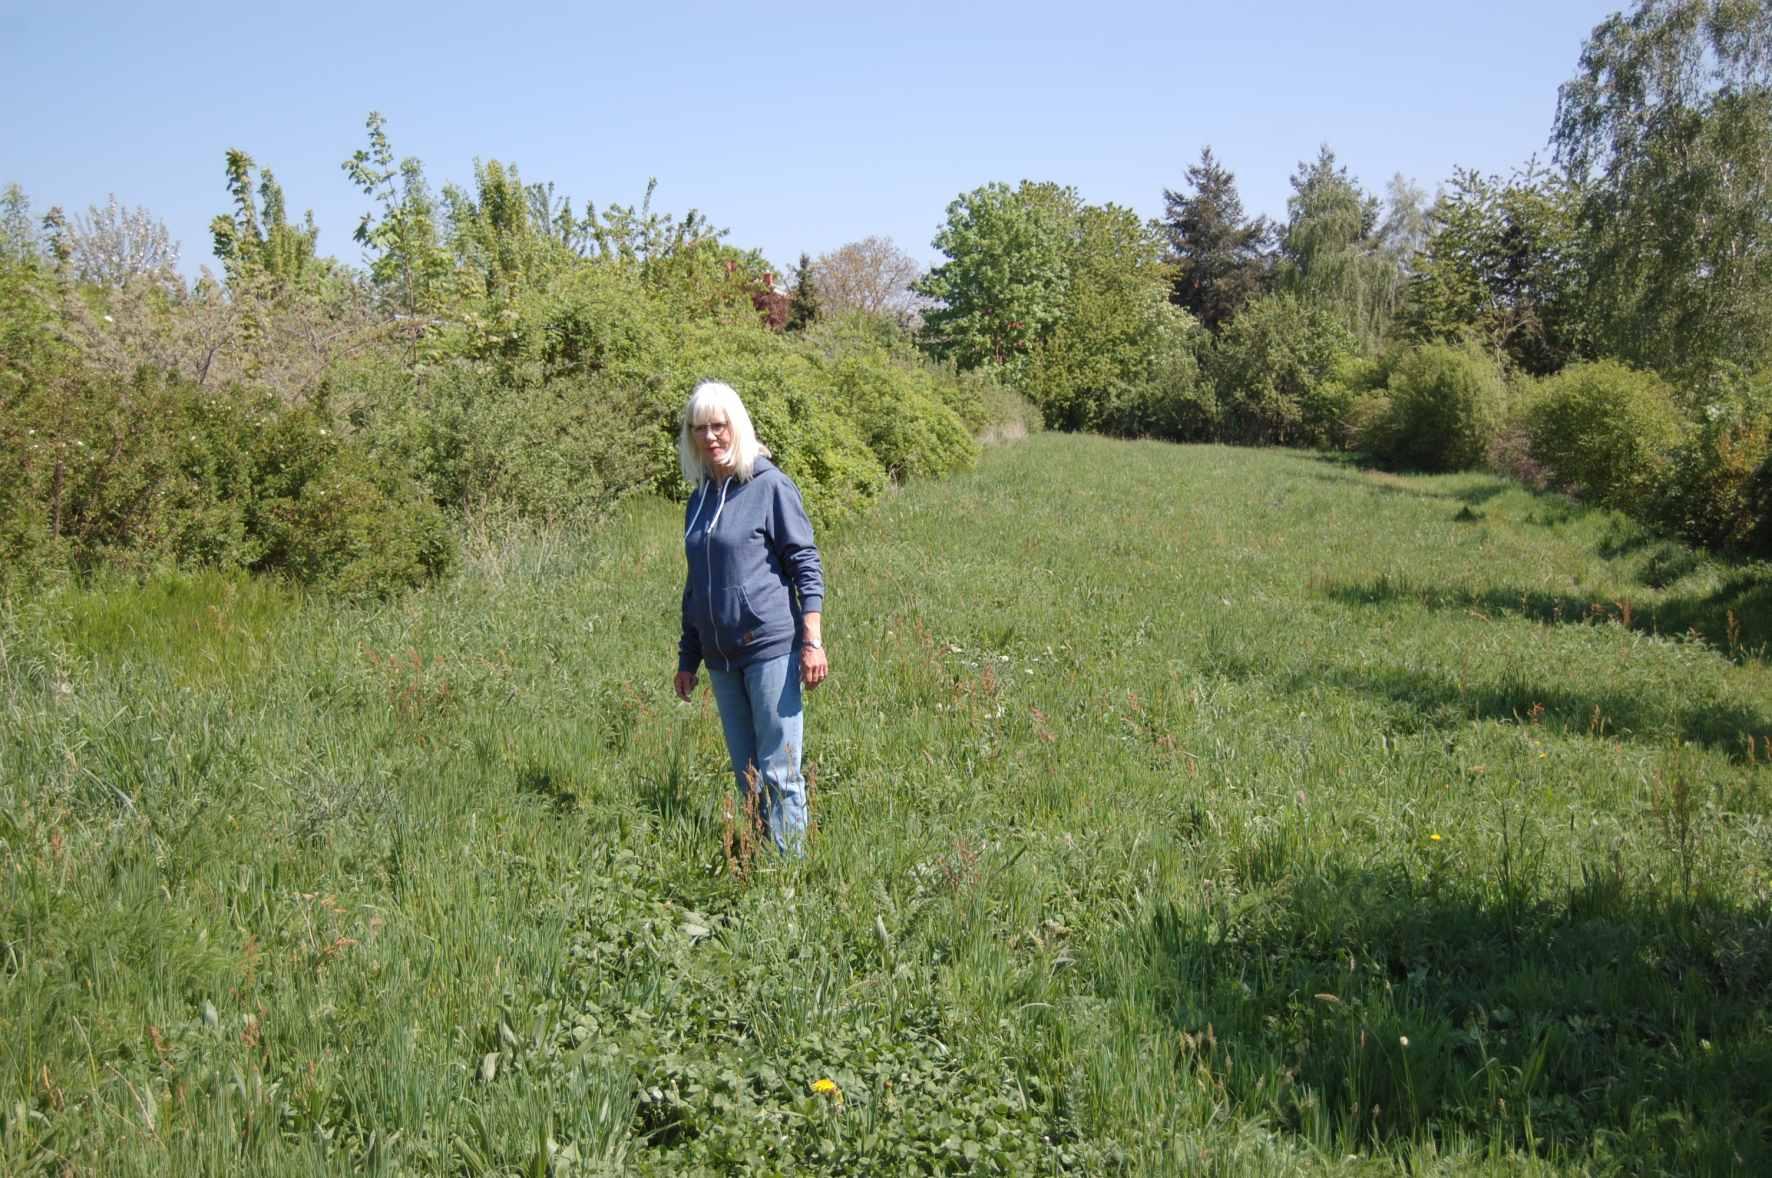 Wildkräuterbotschafterin besichtigt Blühfläche, Frühjahr 2020